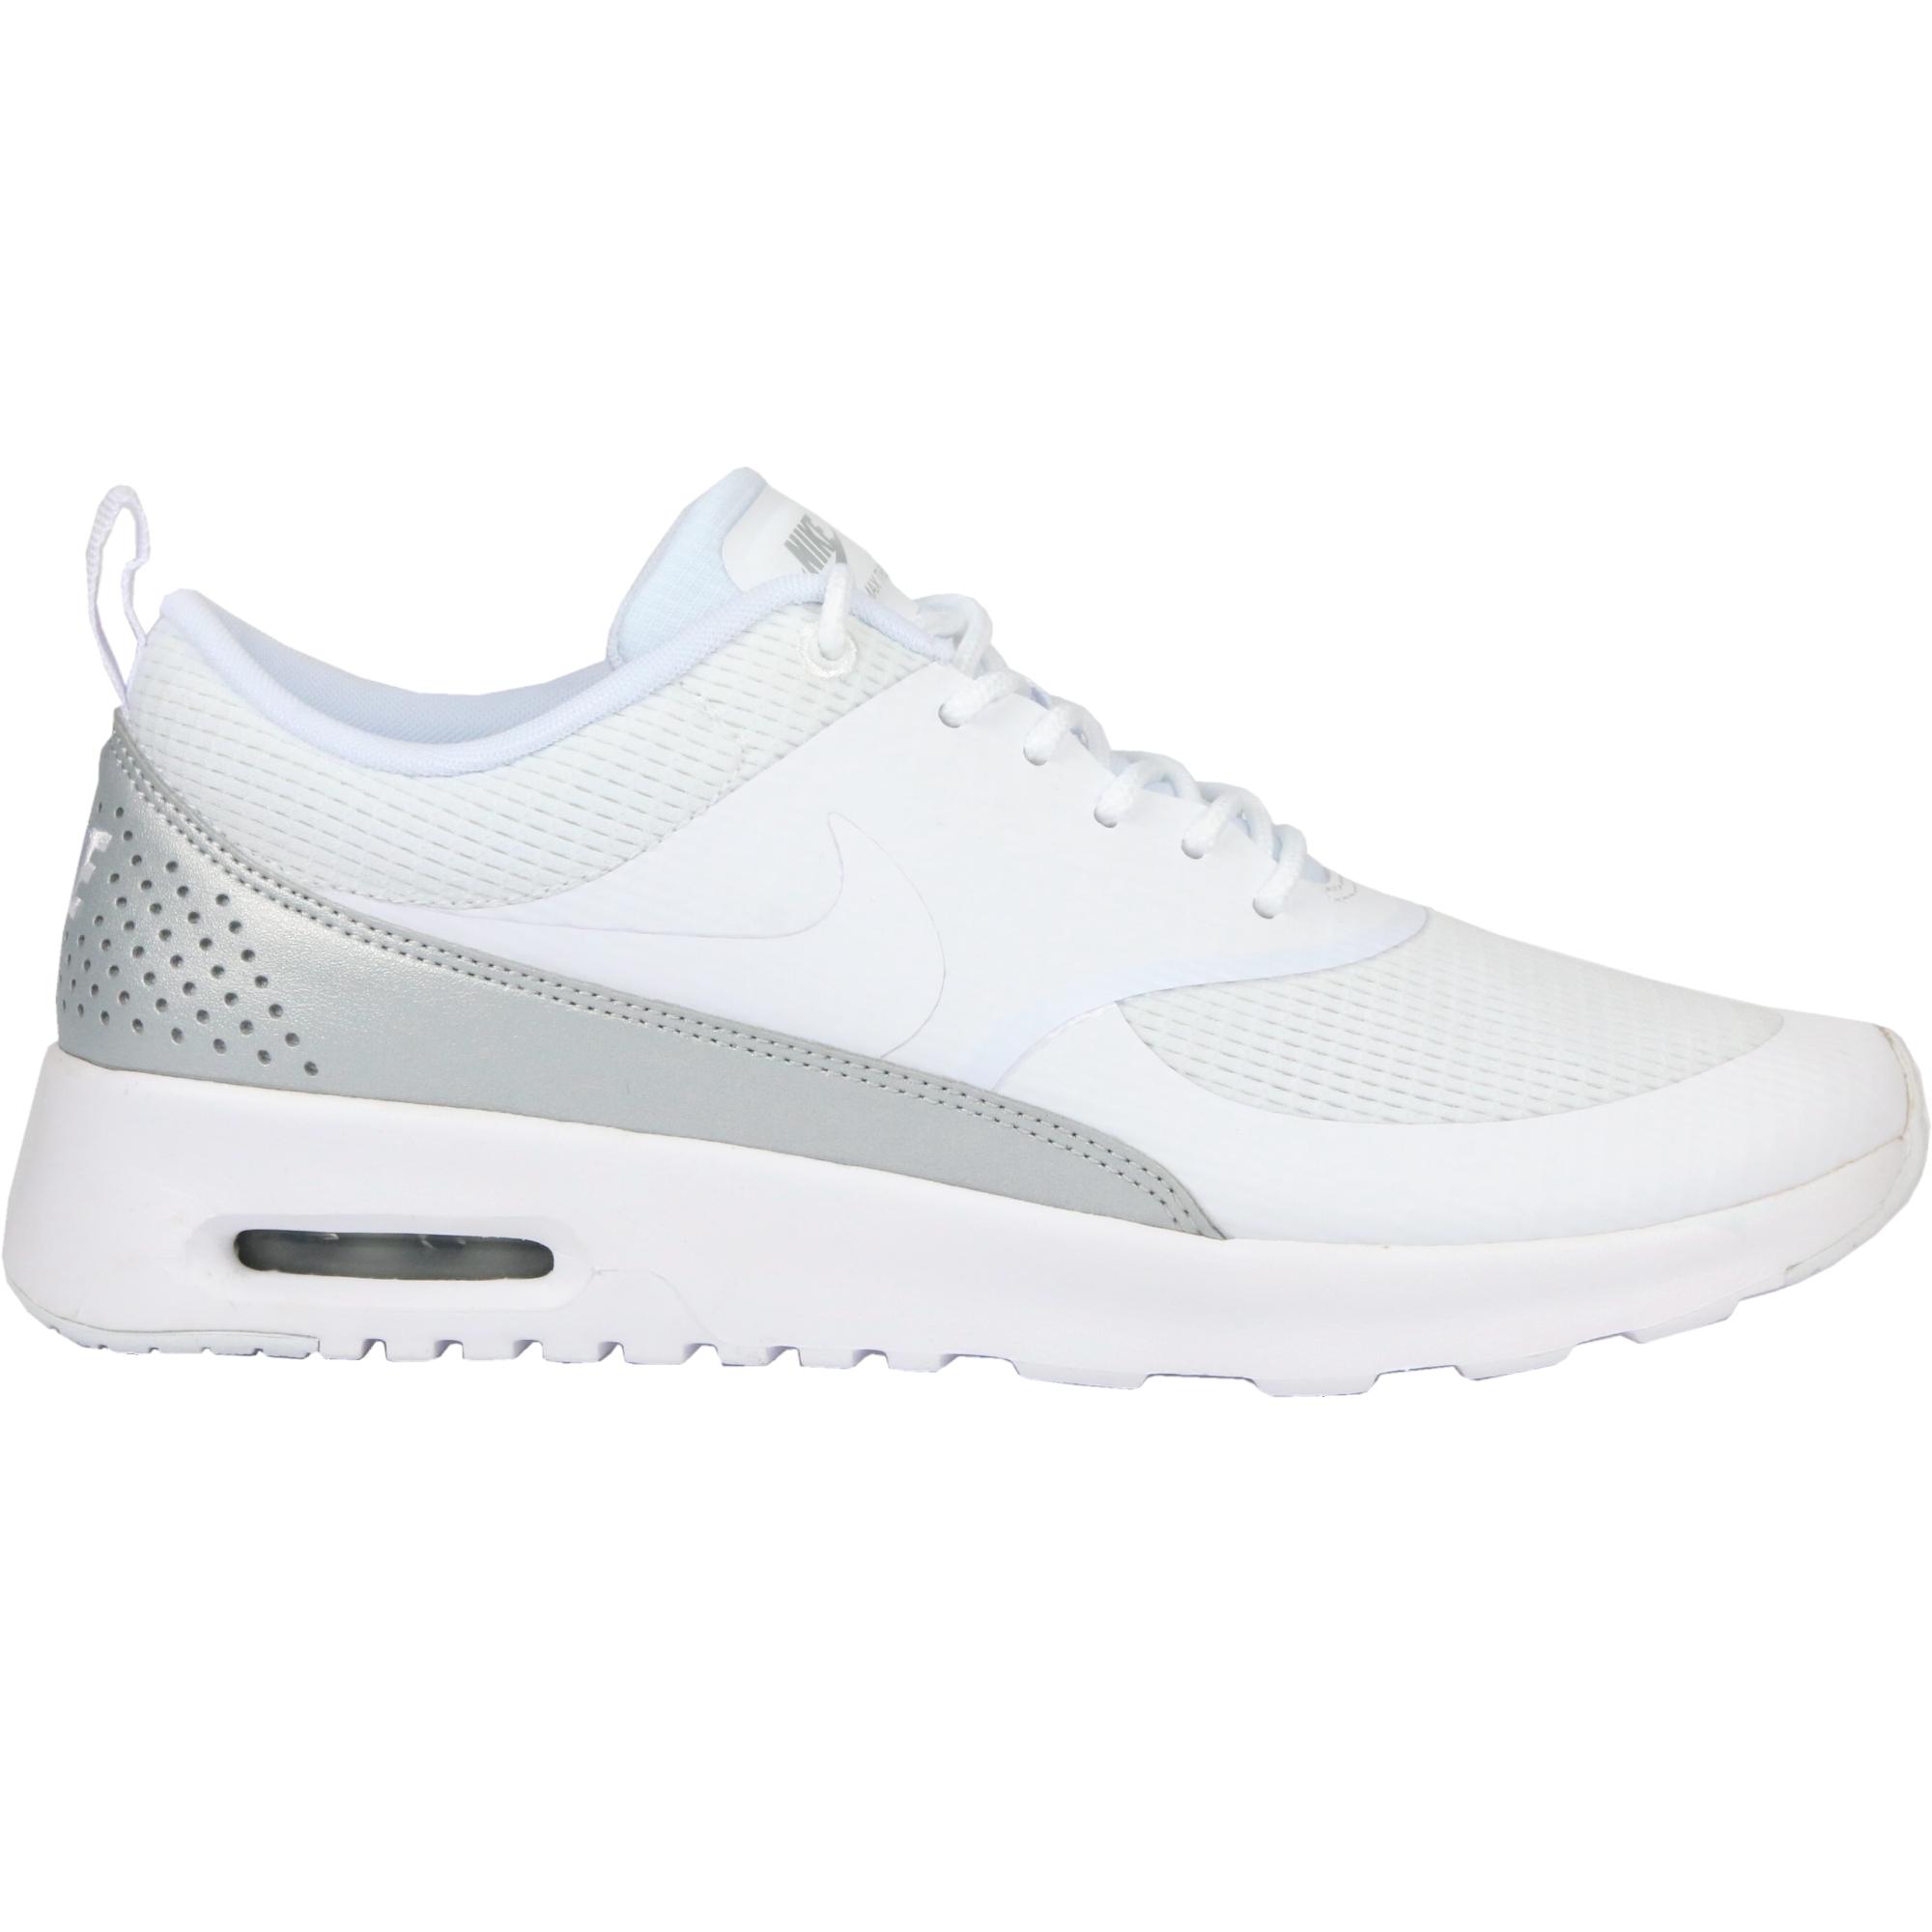 Free Damen Nike Schuhe Ebay trainings WBoeCxrd